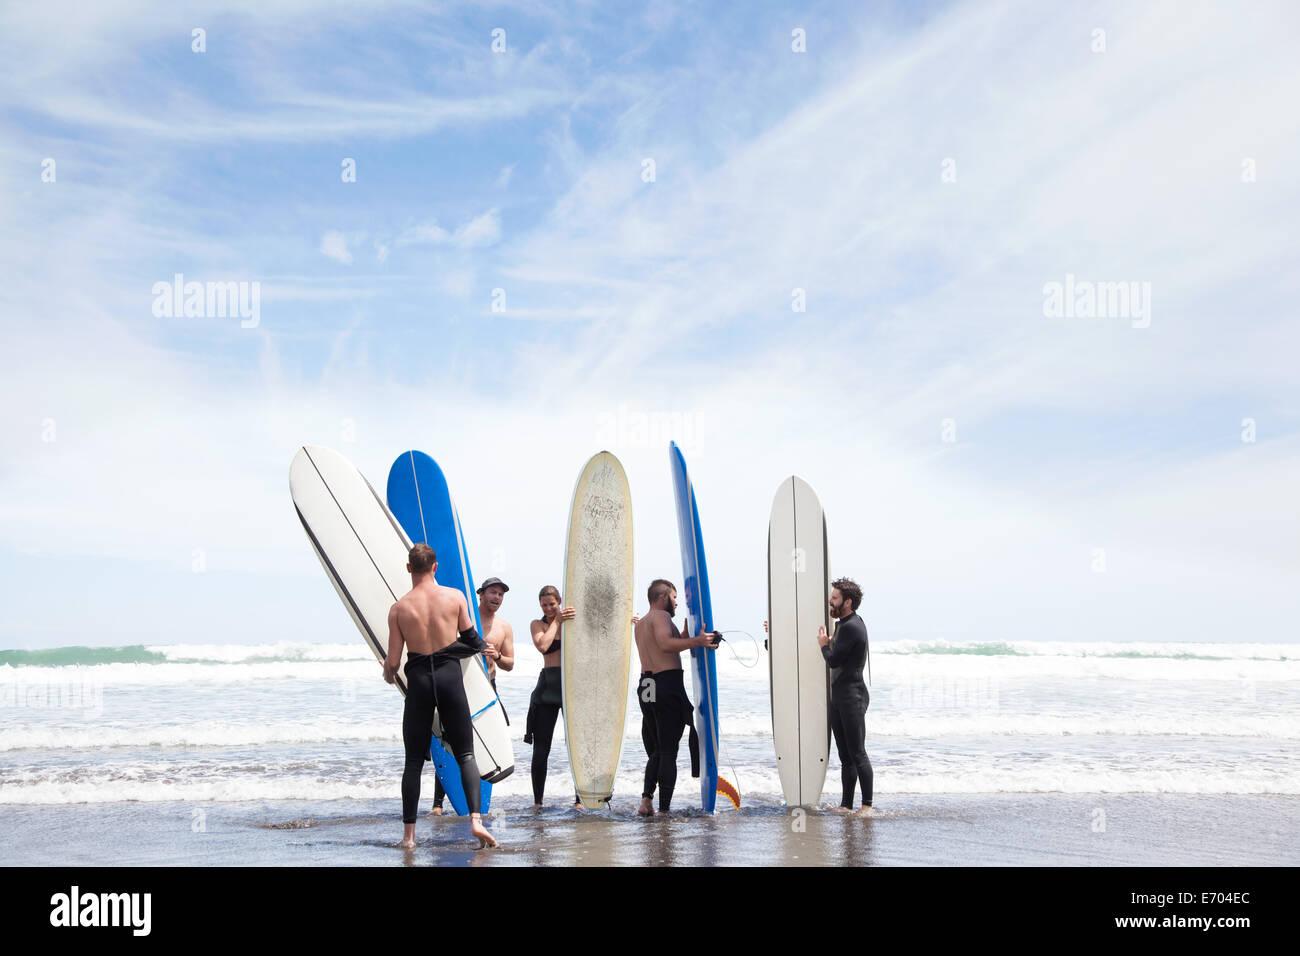 Gruppo di maschio e femmina surfer amici permanente sulla spiaggia con tavole da surf Immagini Stock